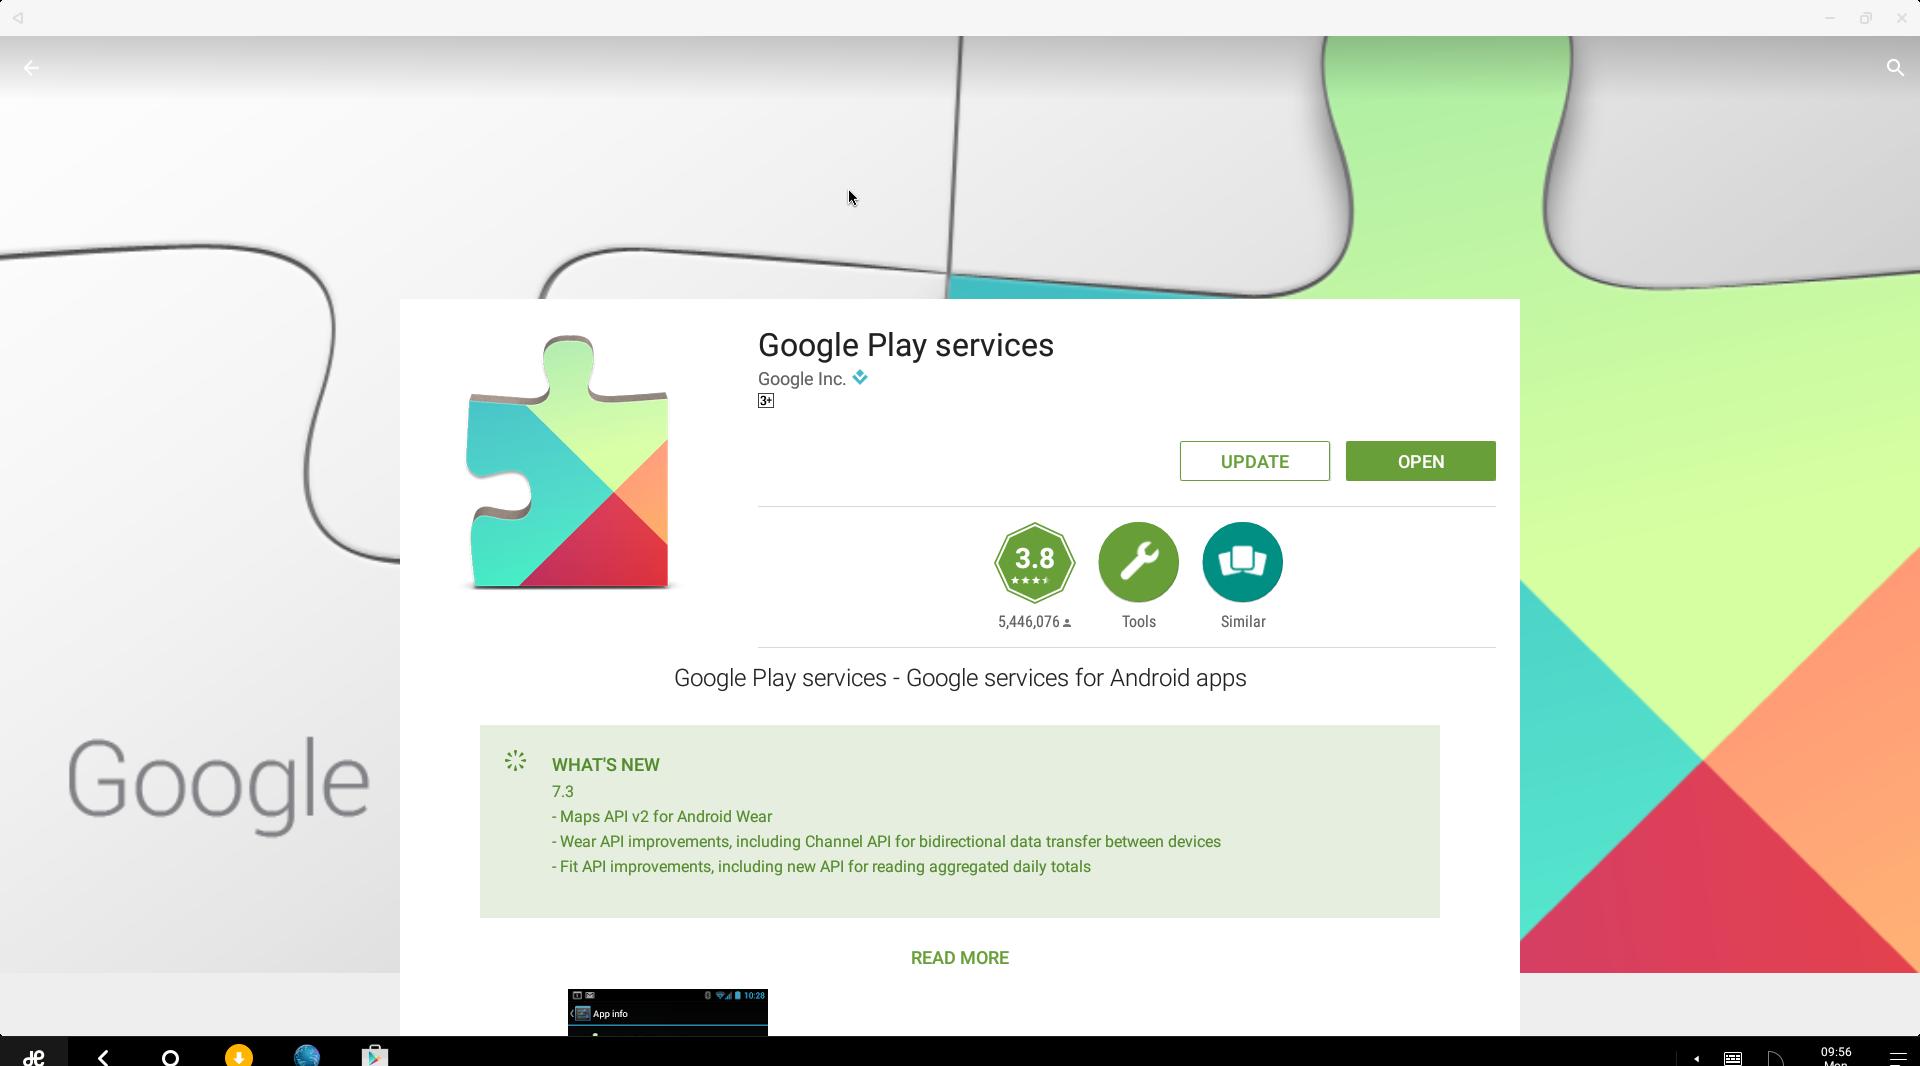 ร ว ว remix os เปล ยน flashdrive เป น android pc ใช ง าย พกไปได ท กท